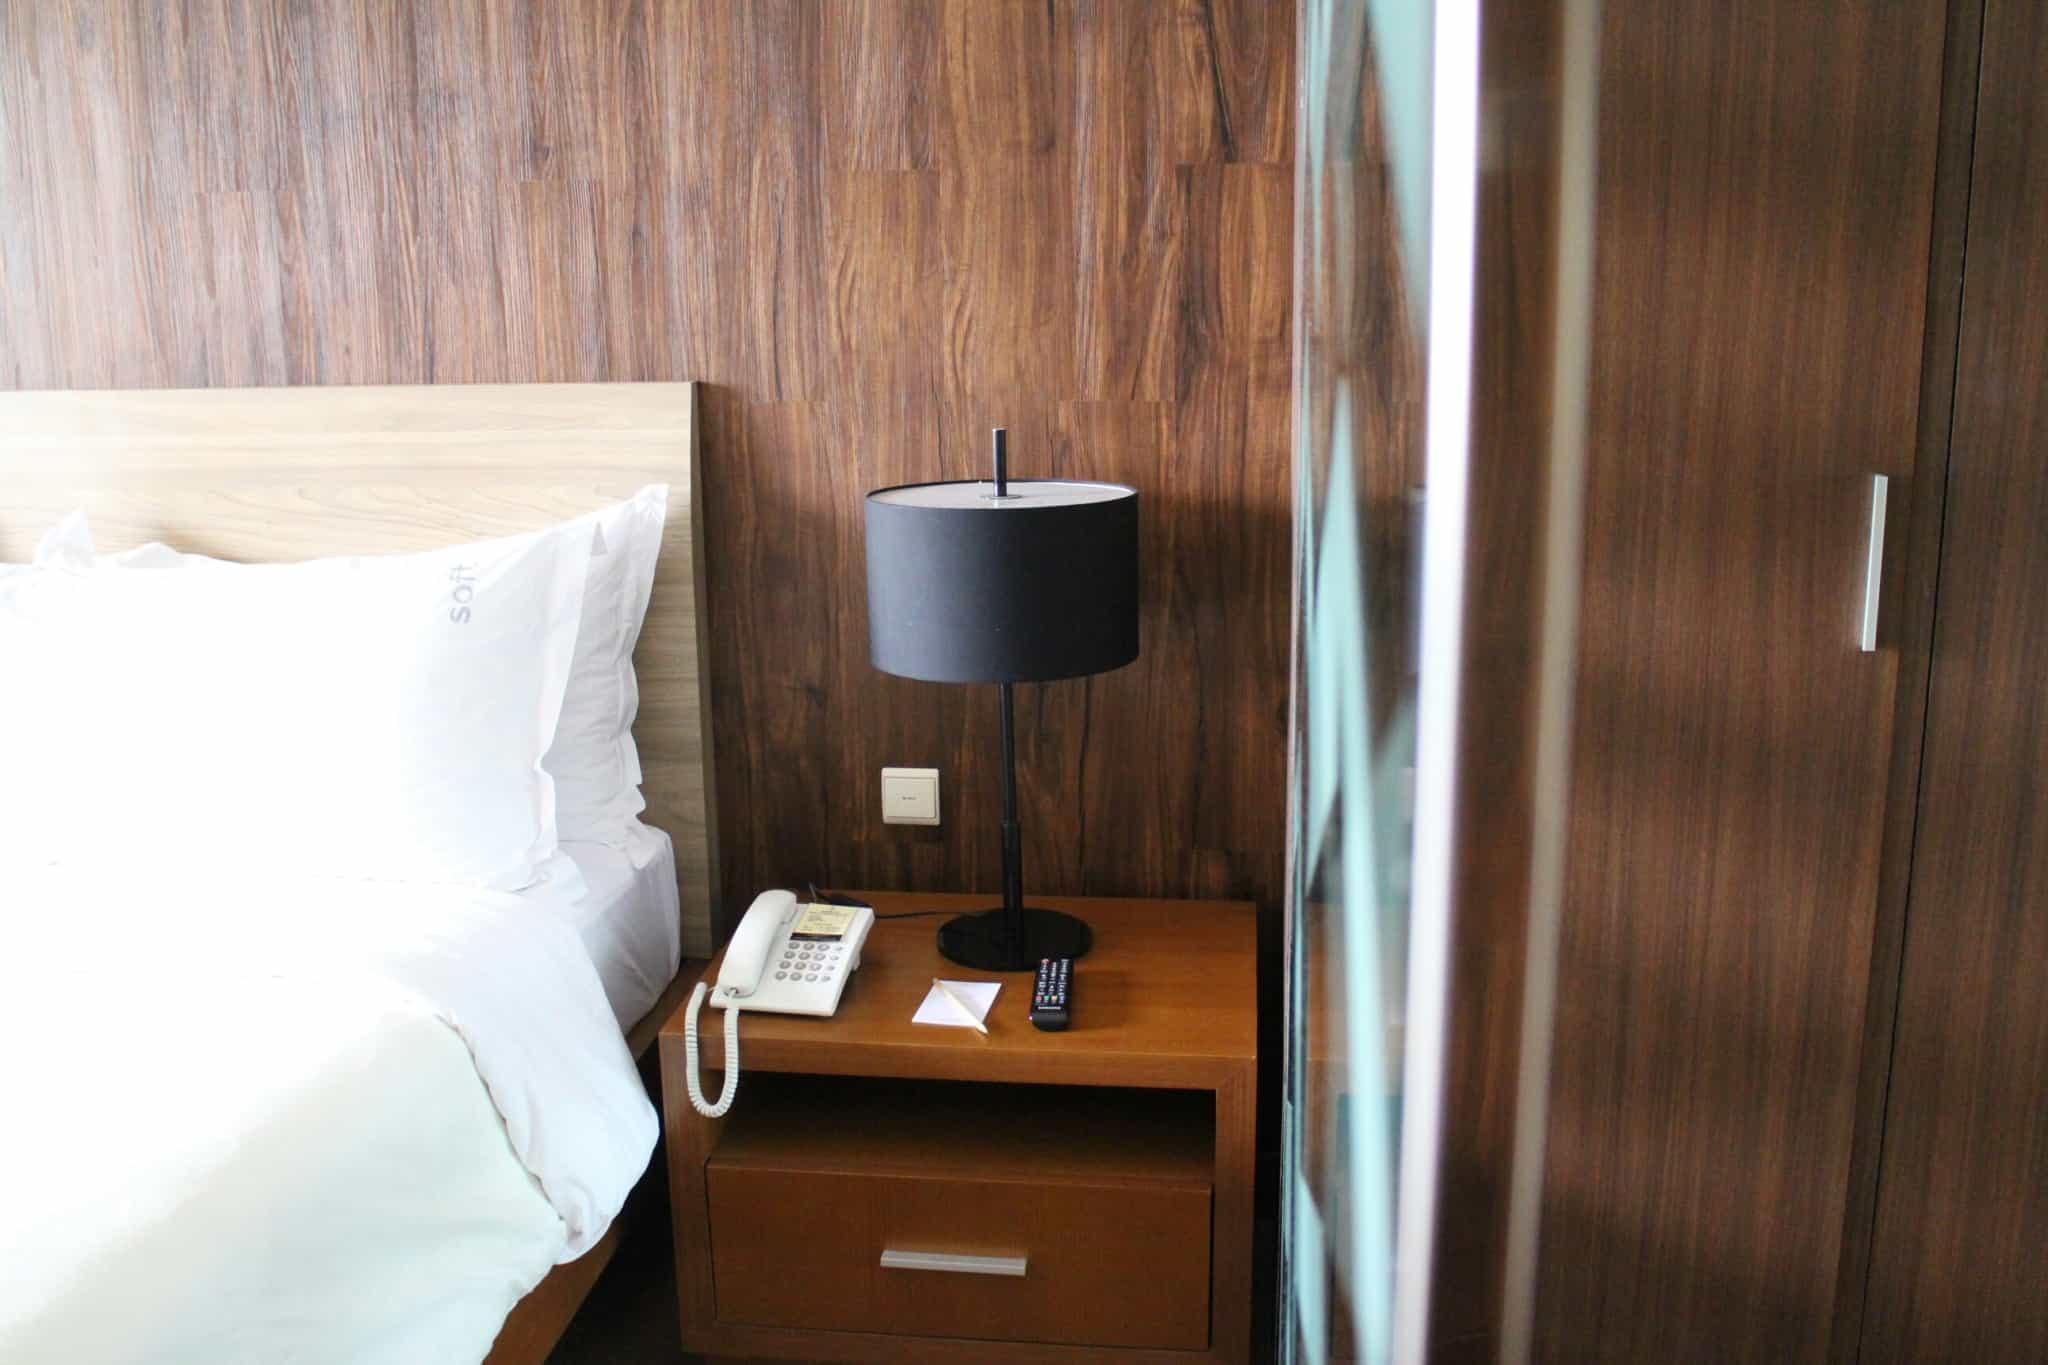 quarto de hotel com cama e candeeiro preto